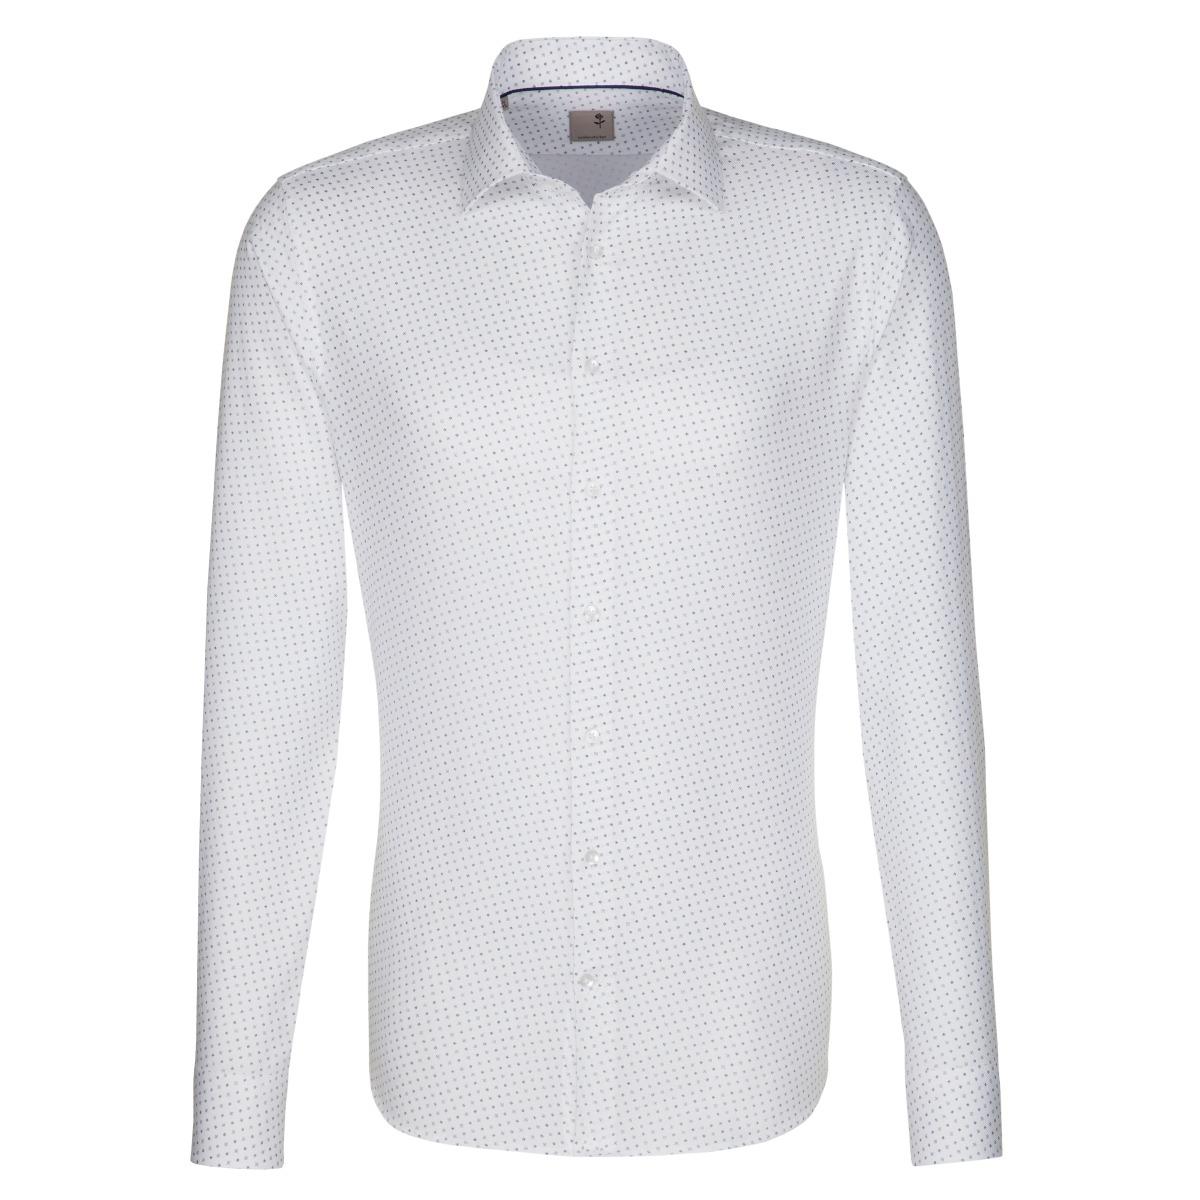 0aec99ef37c W M EGO. Bílá pánská košile SEIDENSTICKER se vzorečkem